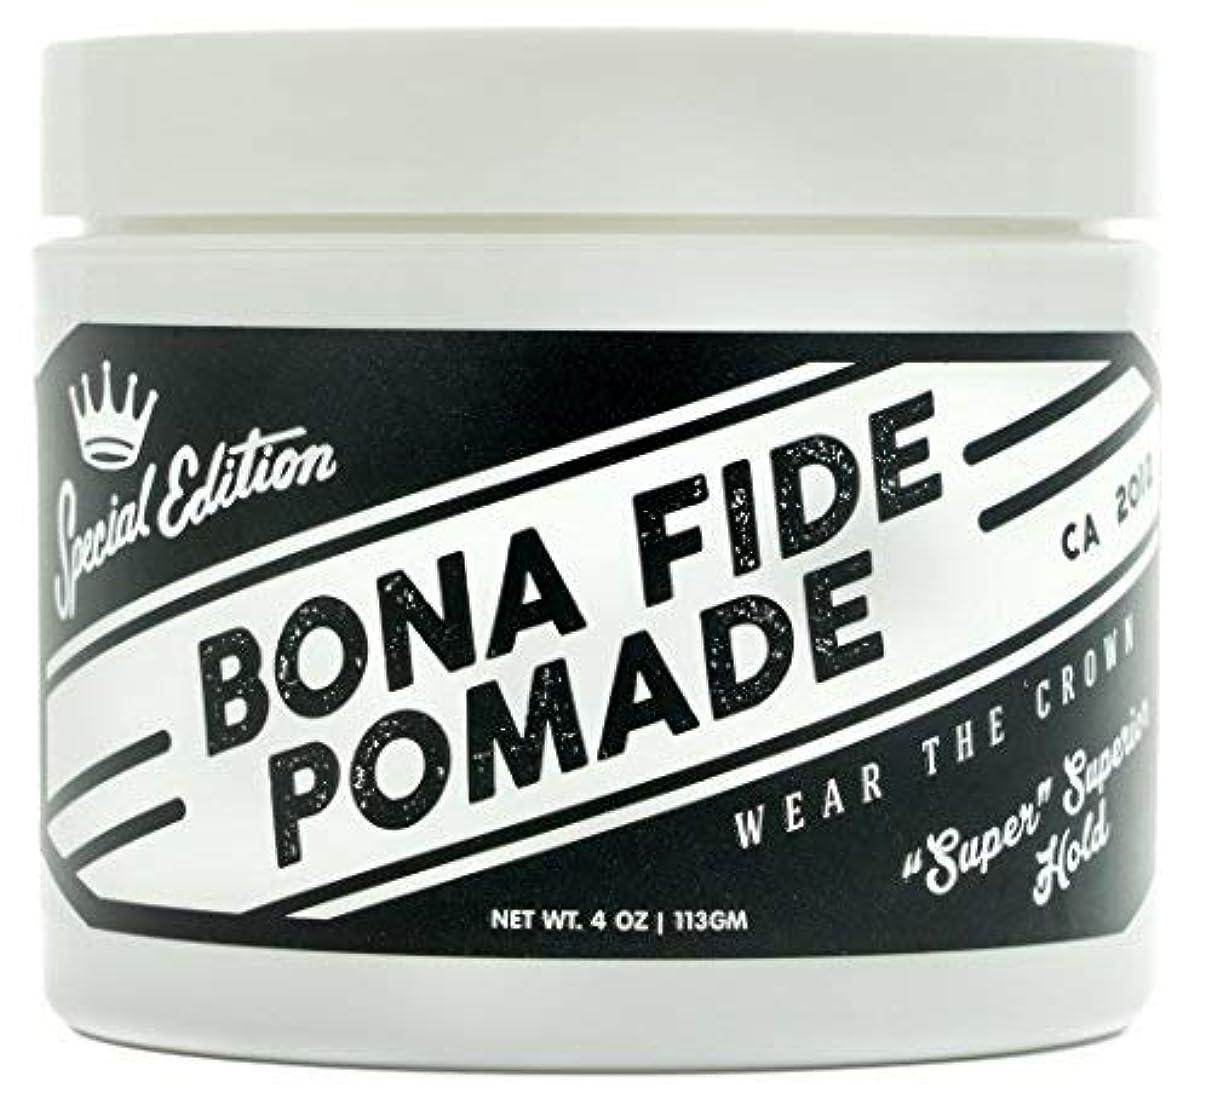 批評シンクスクリューBona Fide Pomade, スーパースーペリアホールドSE, 4OZ (113g)、水性ポマード/ヘアー グリース (整髪料)